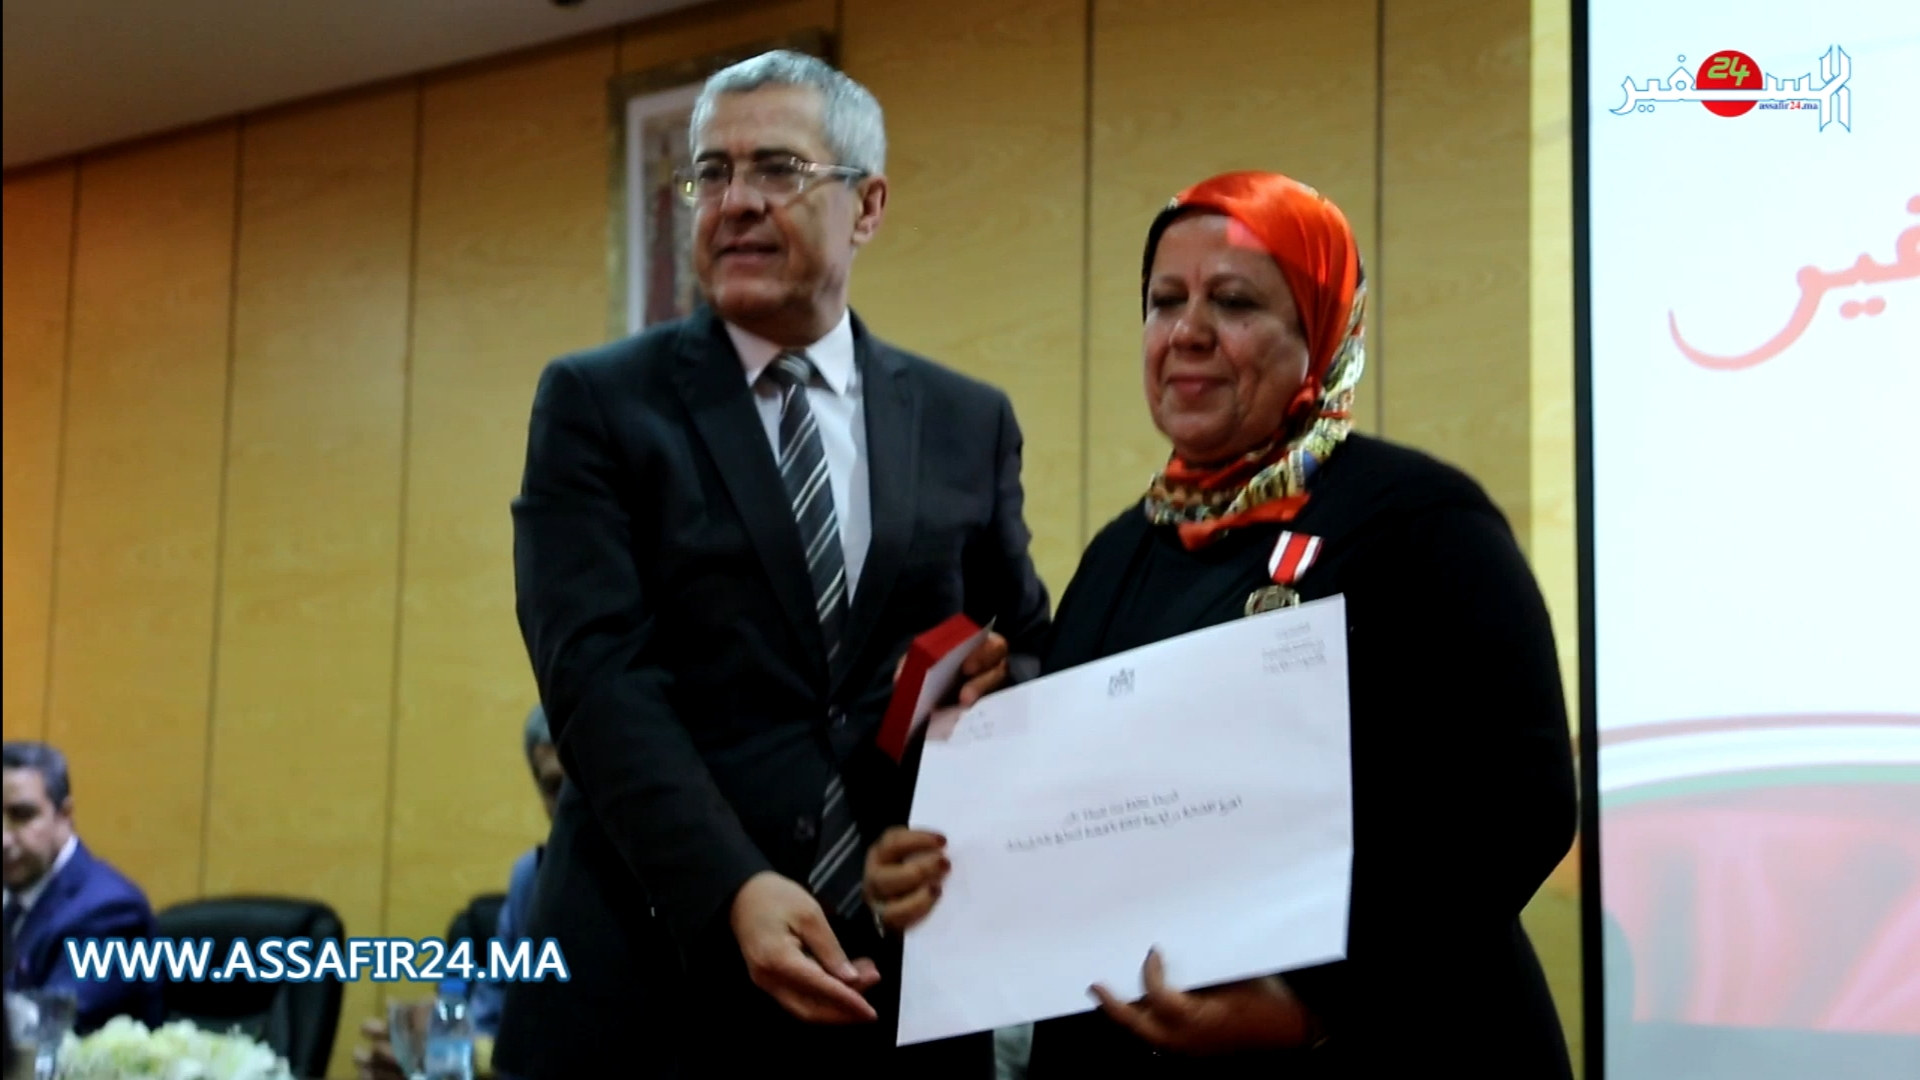 وزير العدل يشرف على توشيح موظفات بأوسمة ملكية بالدار البيضاء